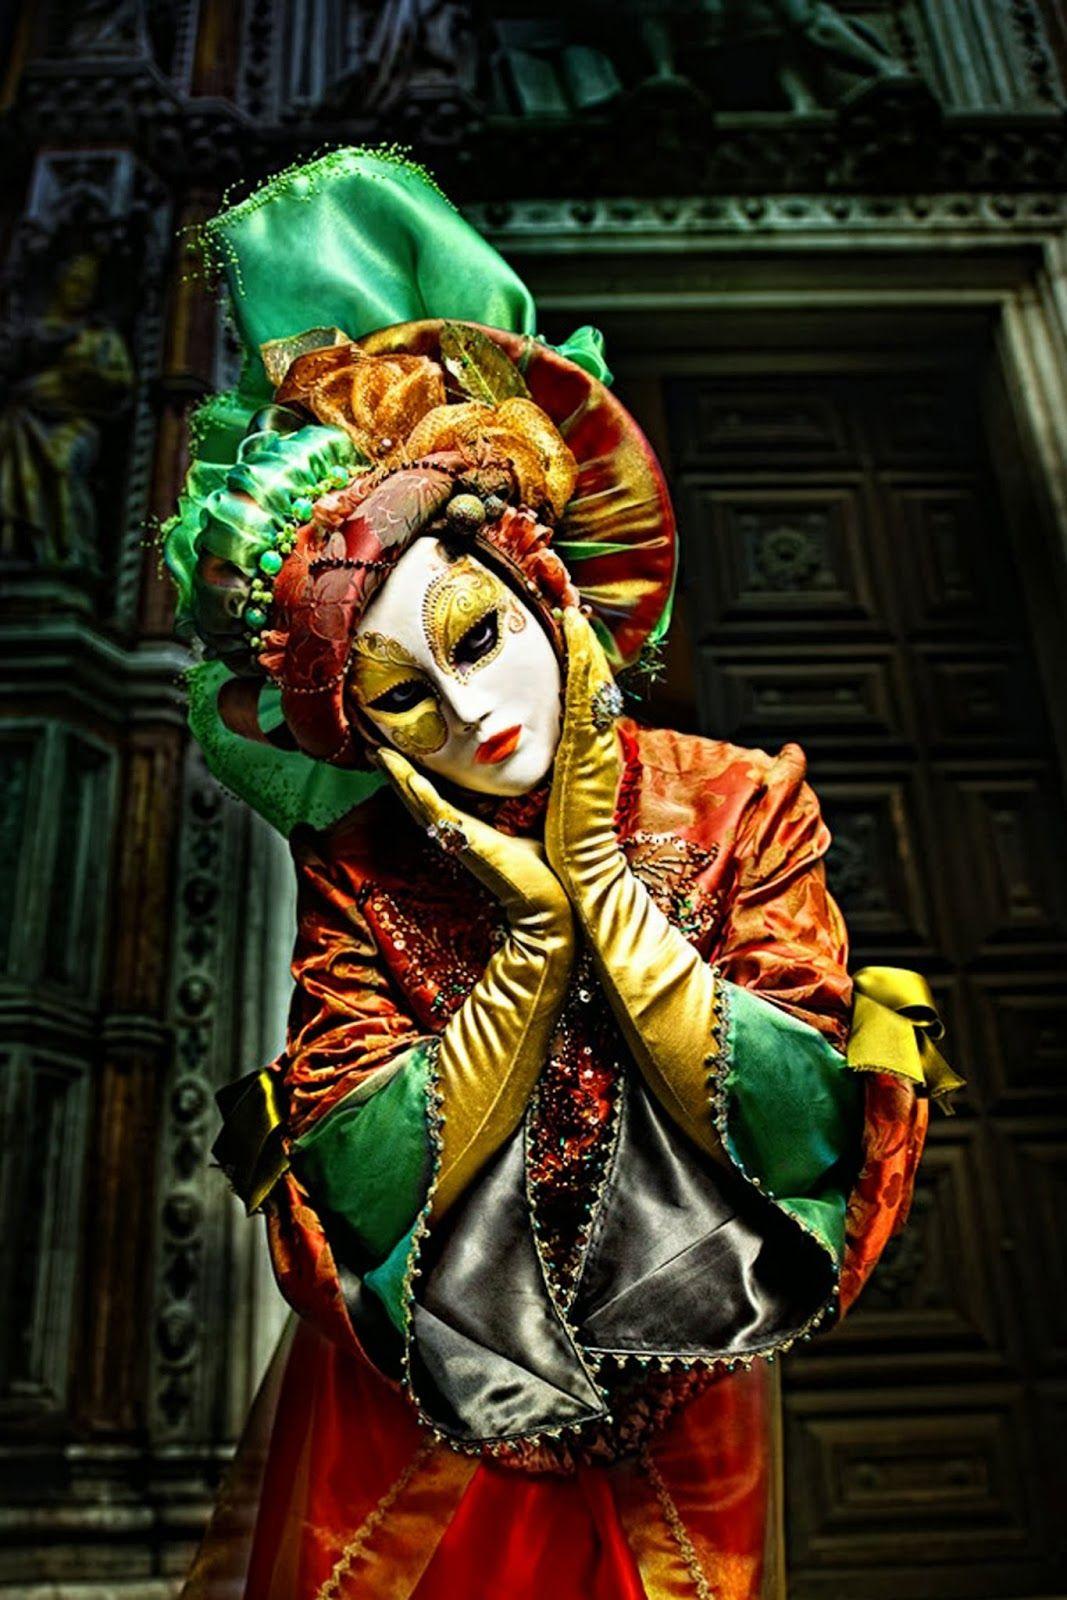 Carnaval de venecia pintura pinterest carnavales y - Mascaras de carnaval de venecia ...